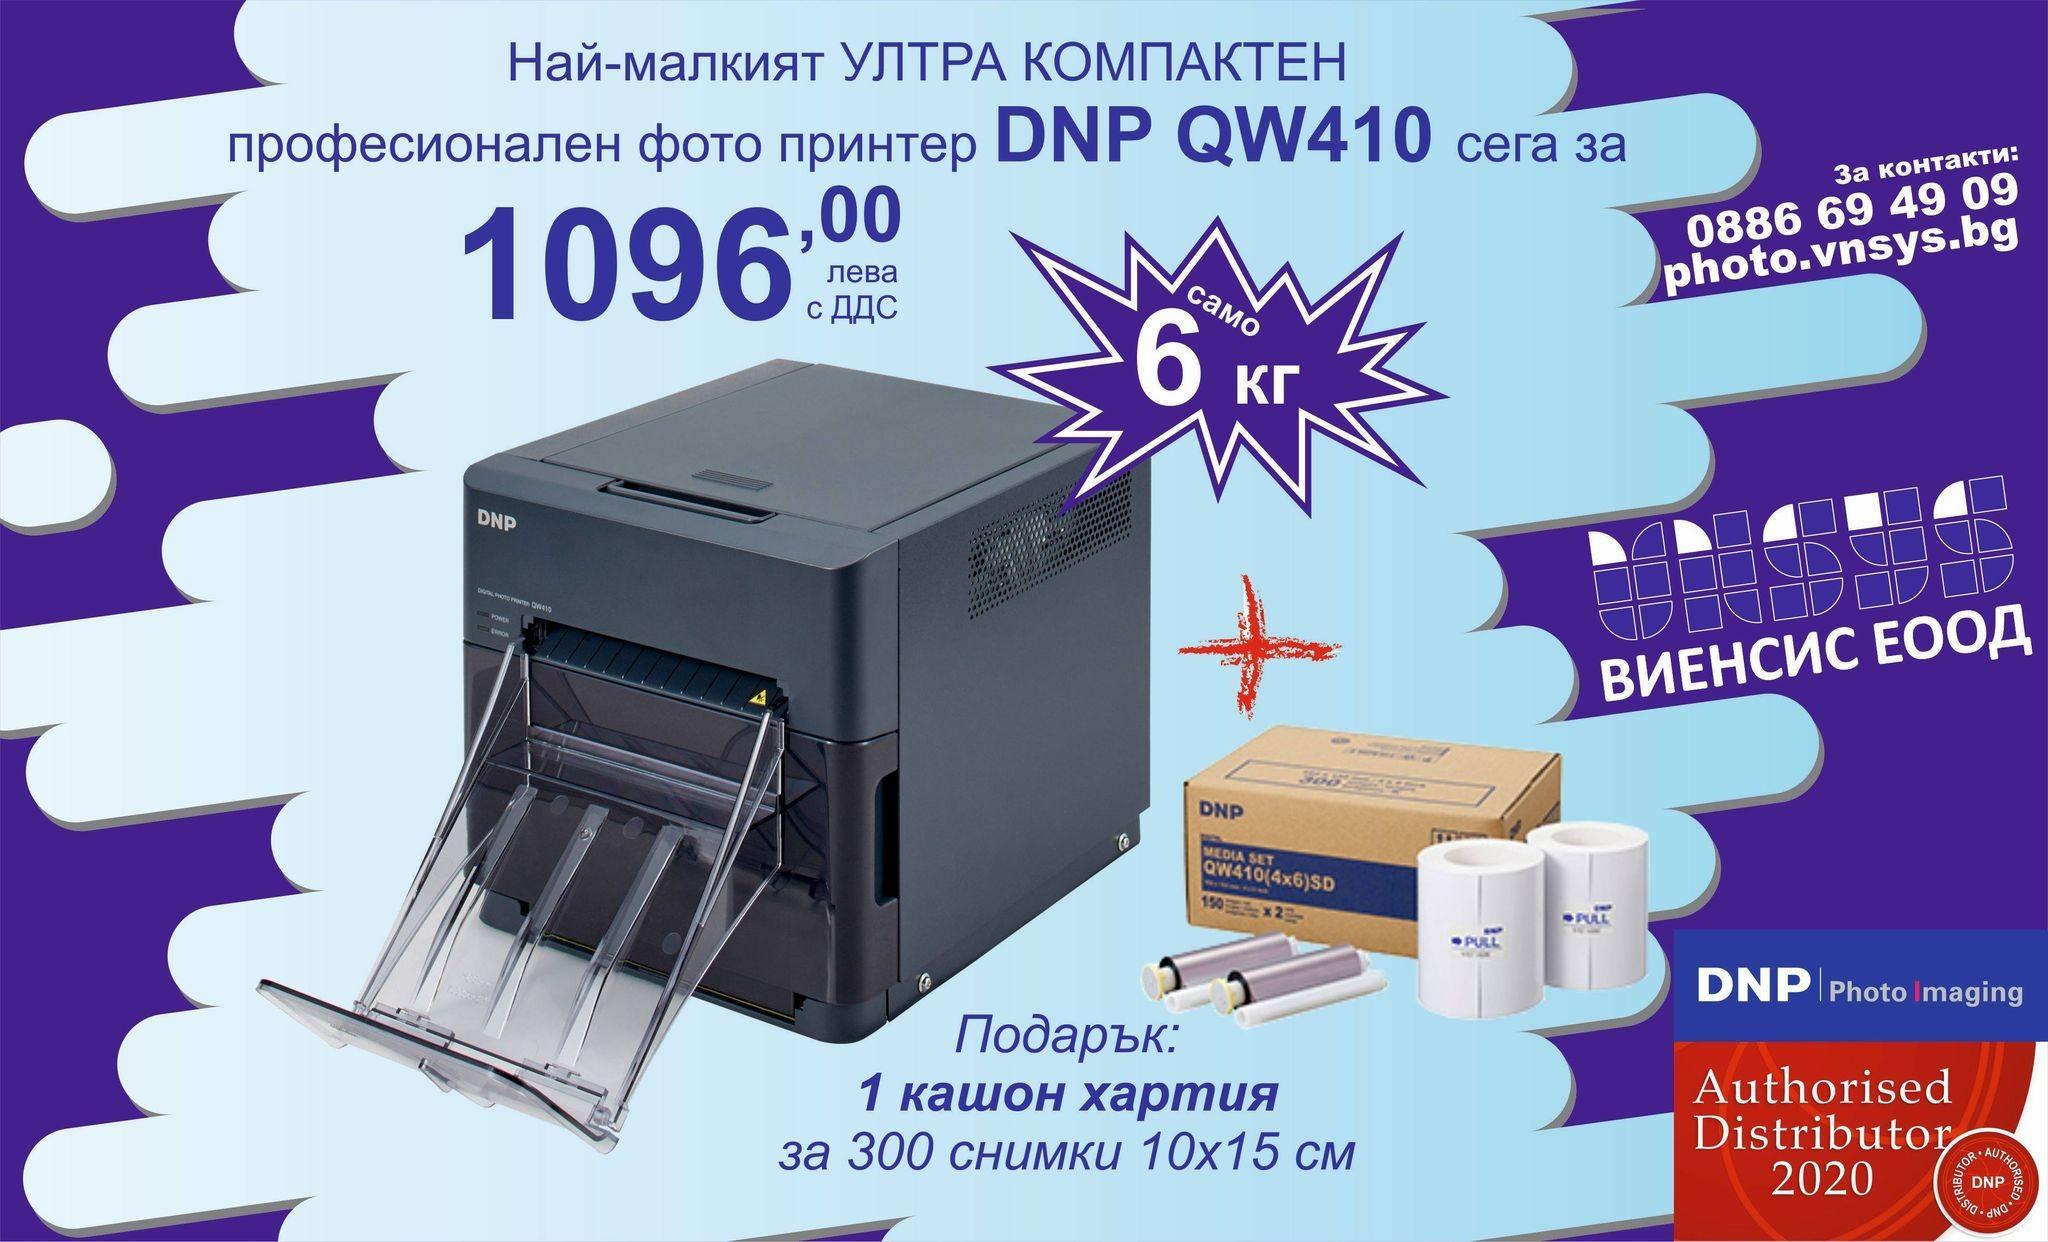 Професионален фото принтер